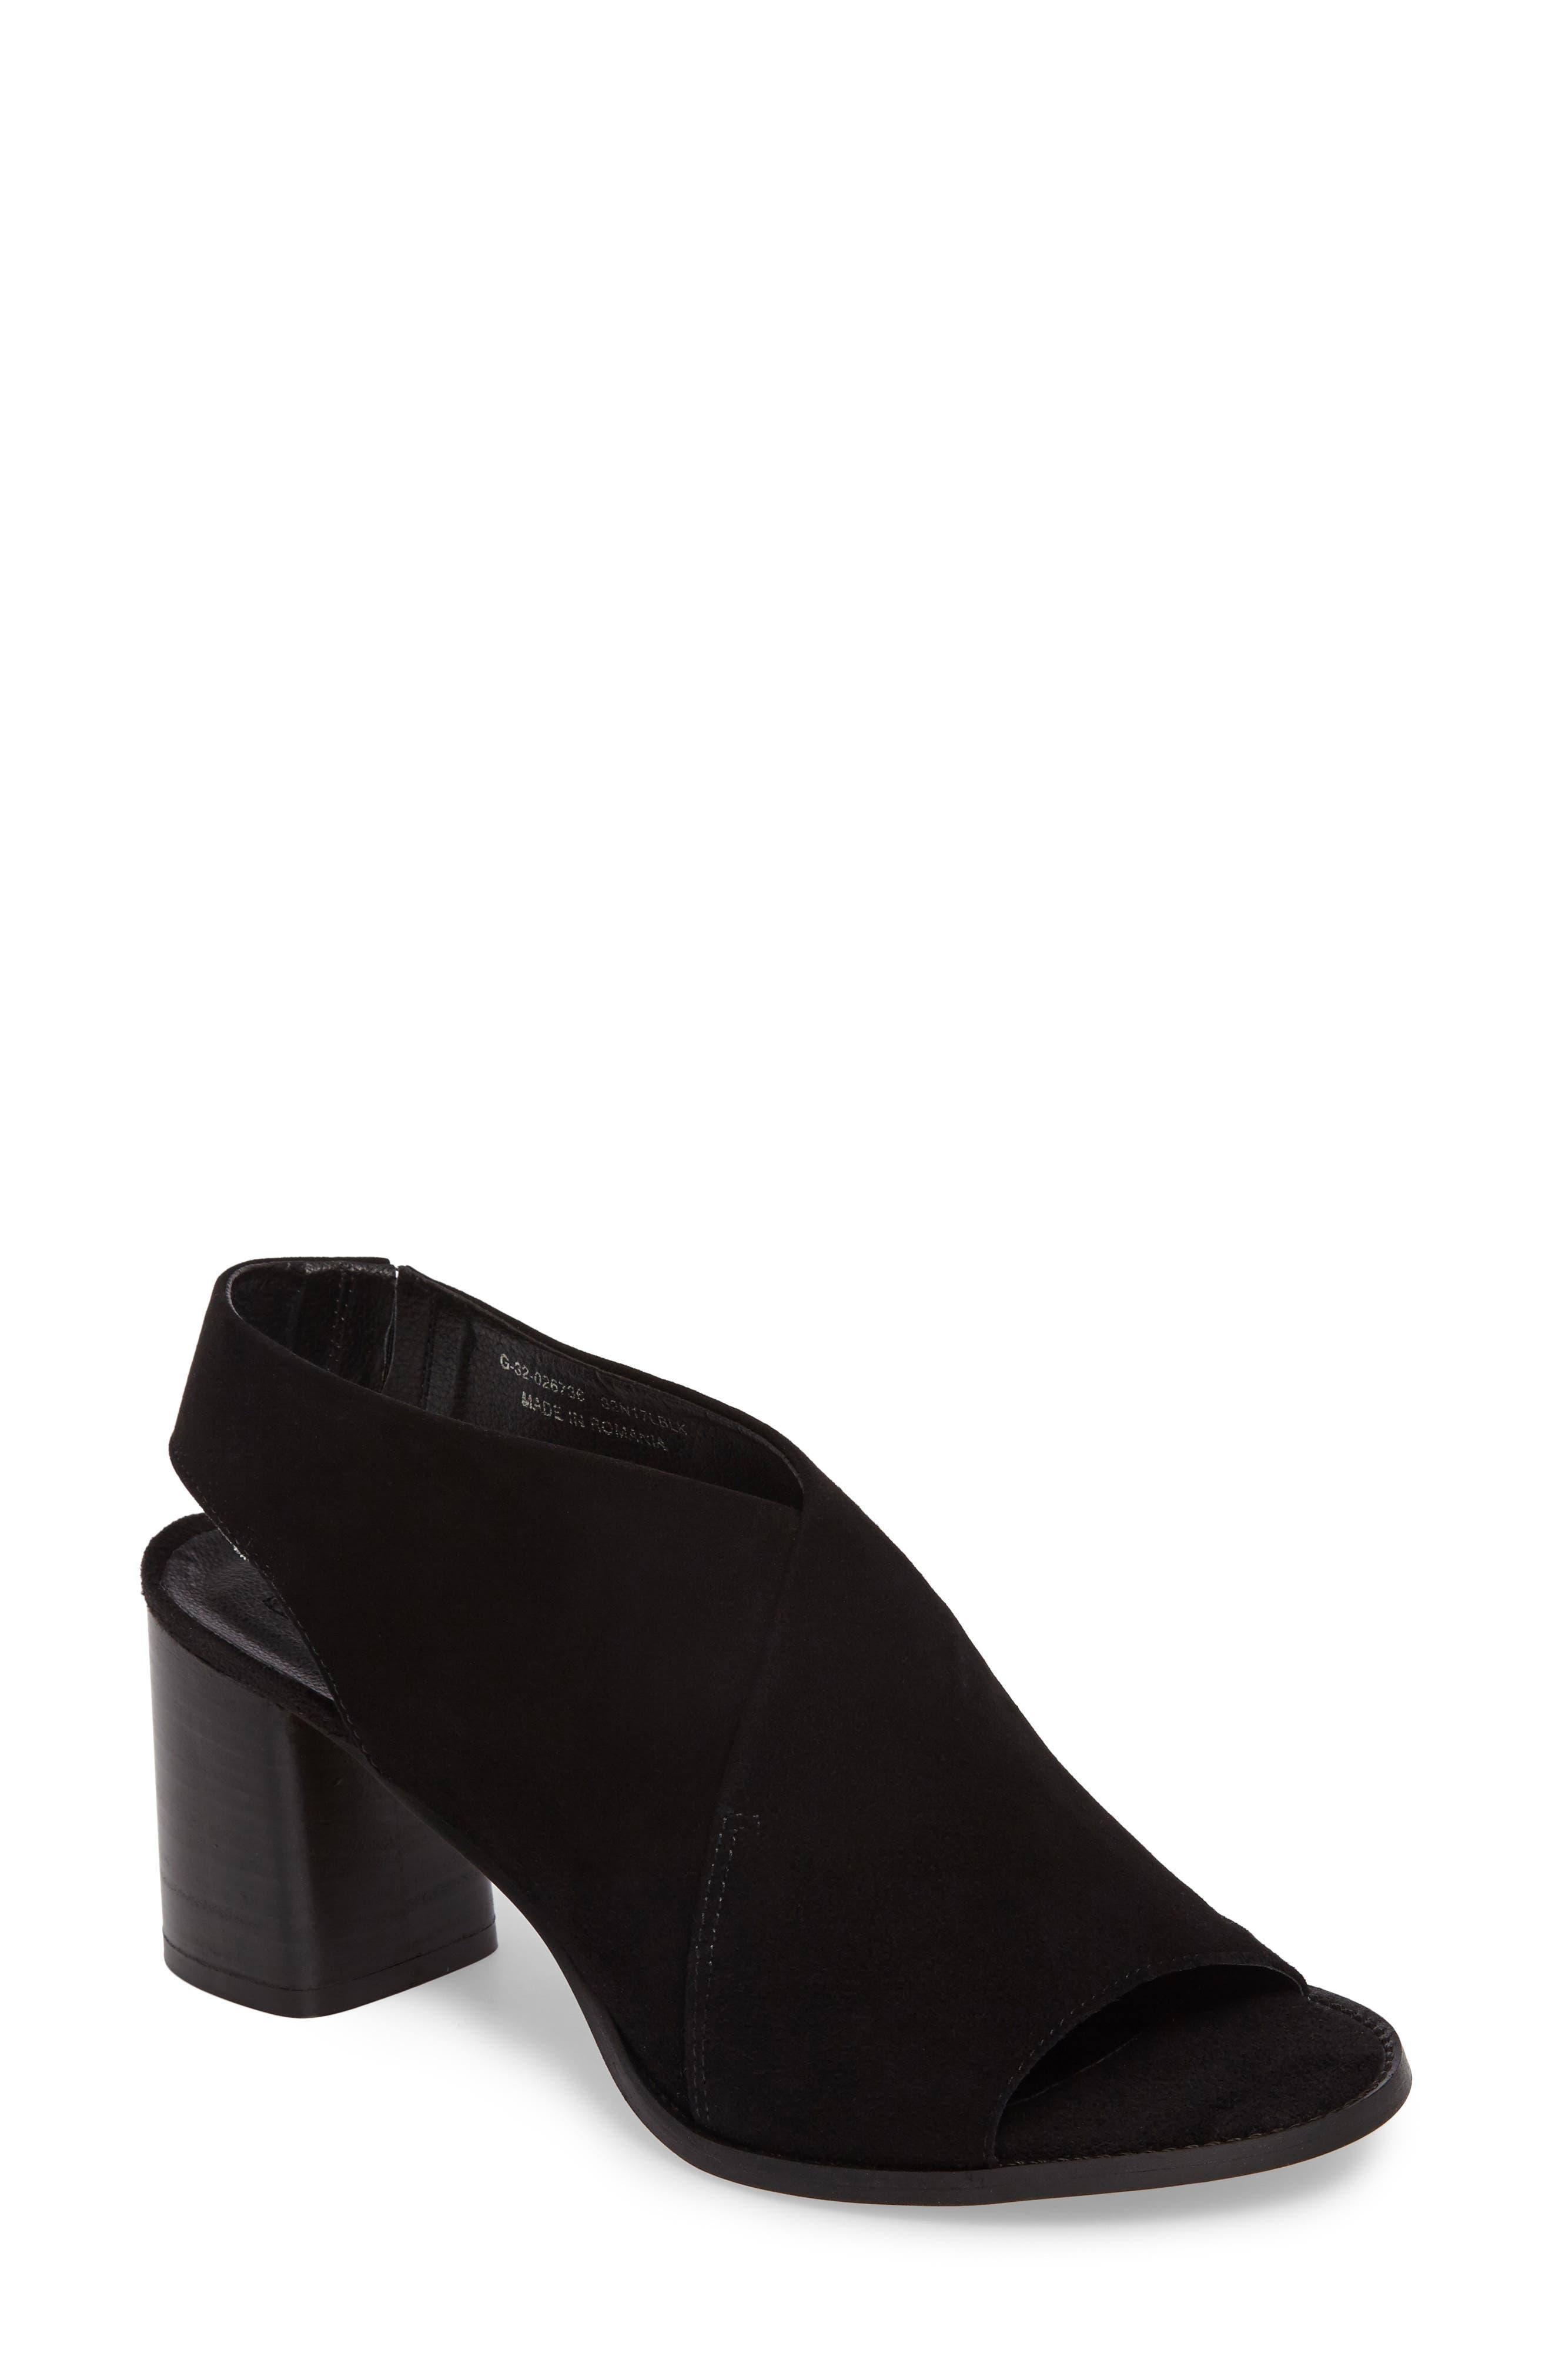 Noa Slingback Sandal,                         Main,                         color, BLACK